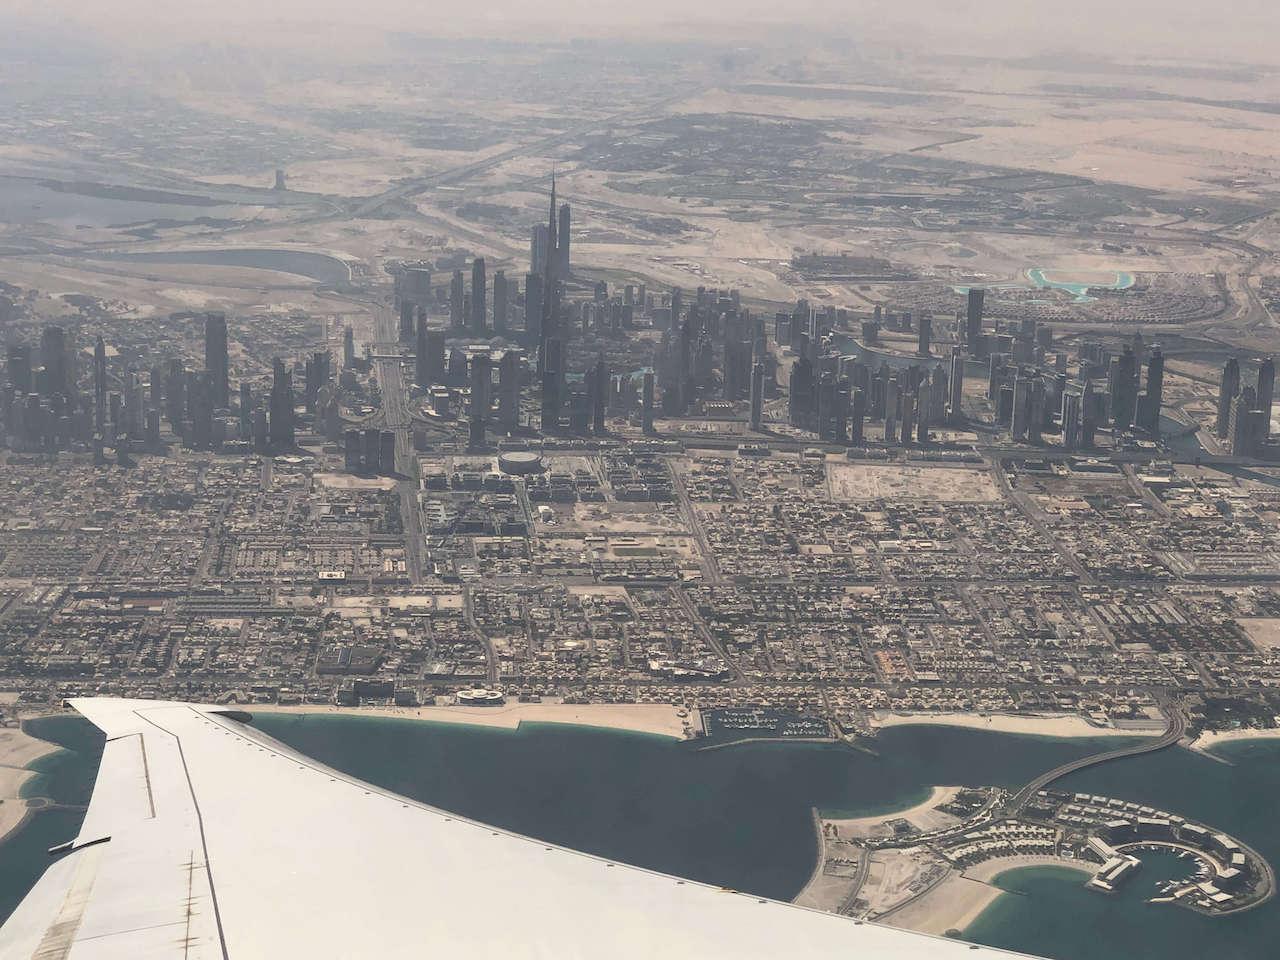 Turbulenzen - Wenn's im Flieger holprig wird Annaway Travel Reisen Reiseblog 1